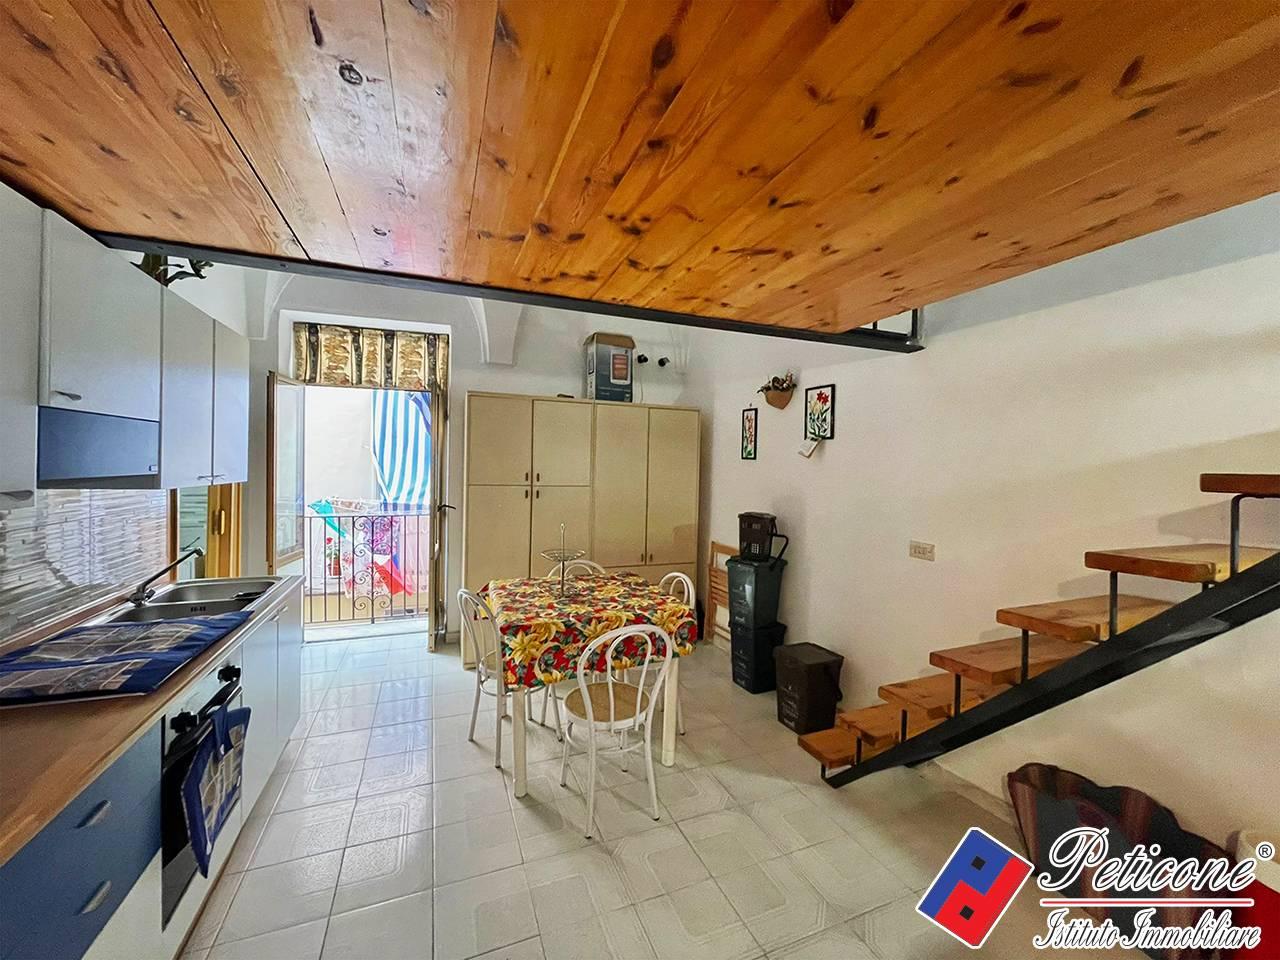 Appartamento in Vendita a Gaeta via della indipendenza